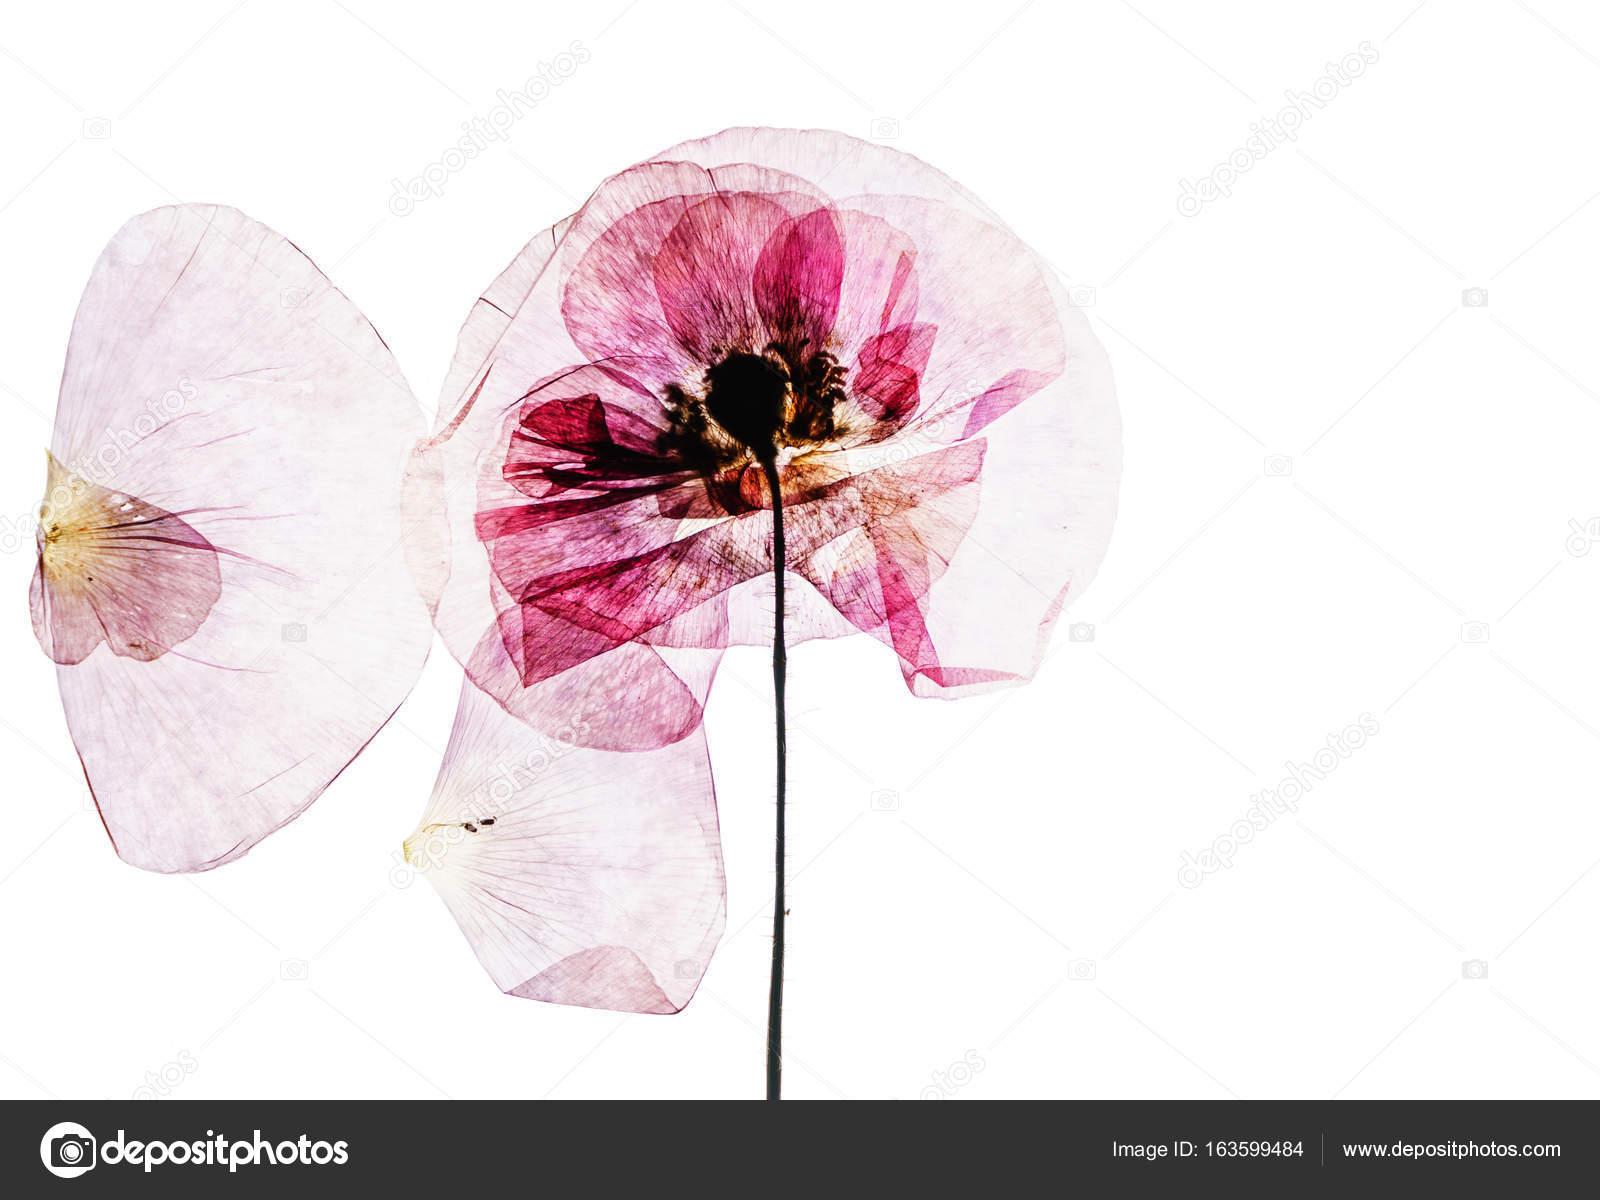 Dry poppy flower stock photo shebeko 163599484 dry poppy flower stock photo mightylinksfo Gallery